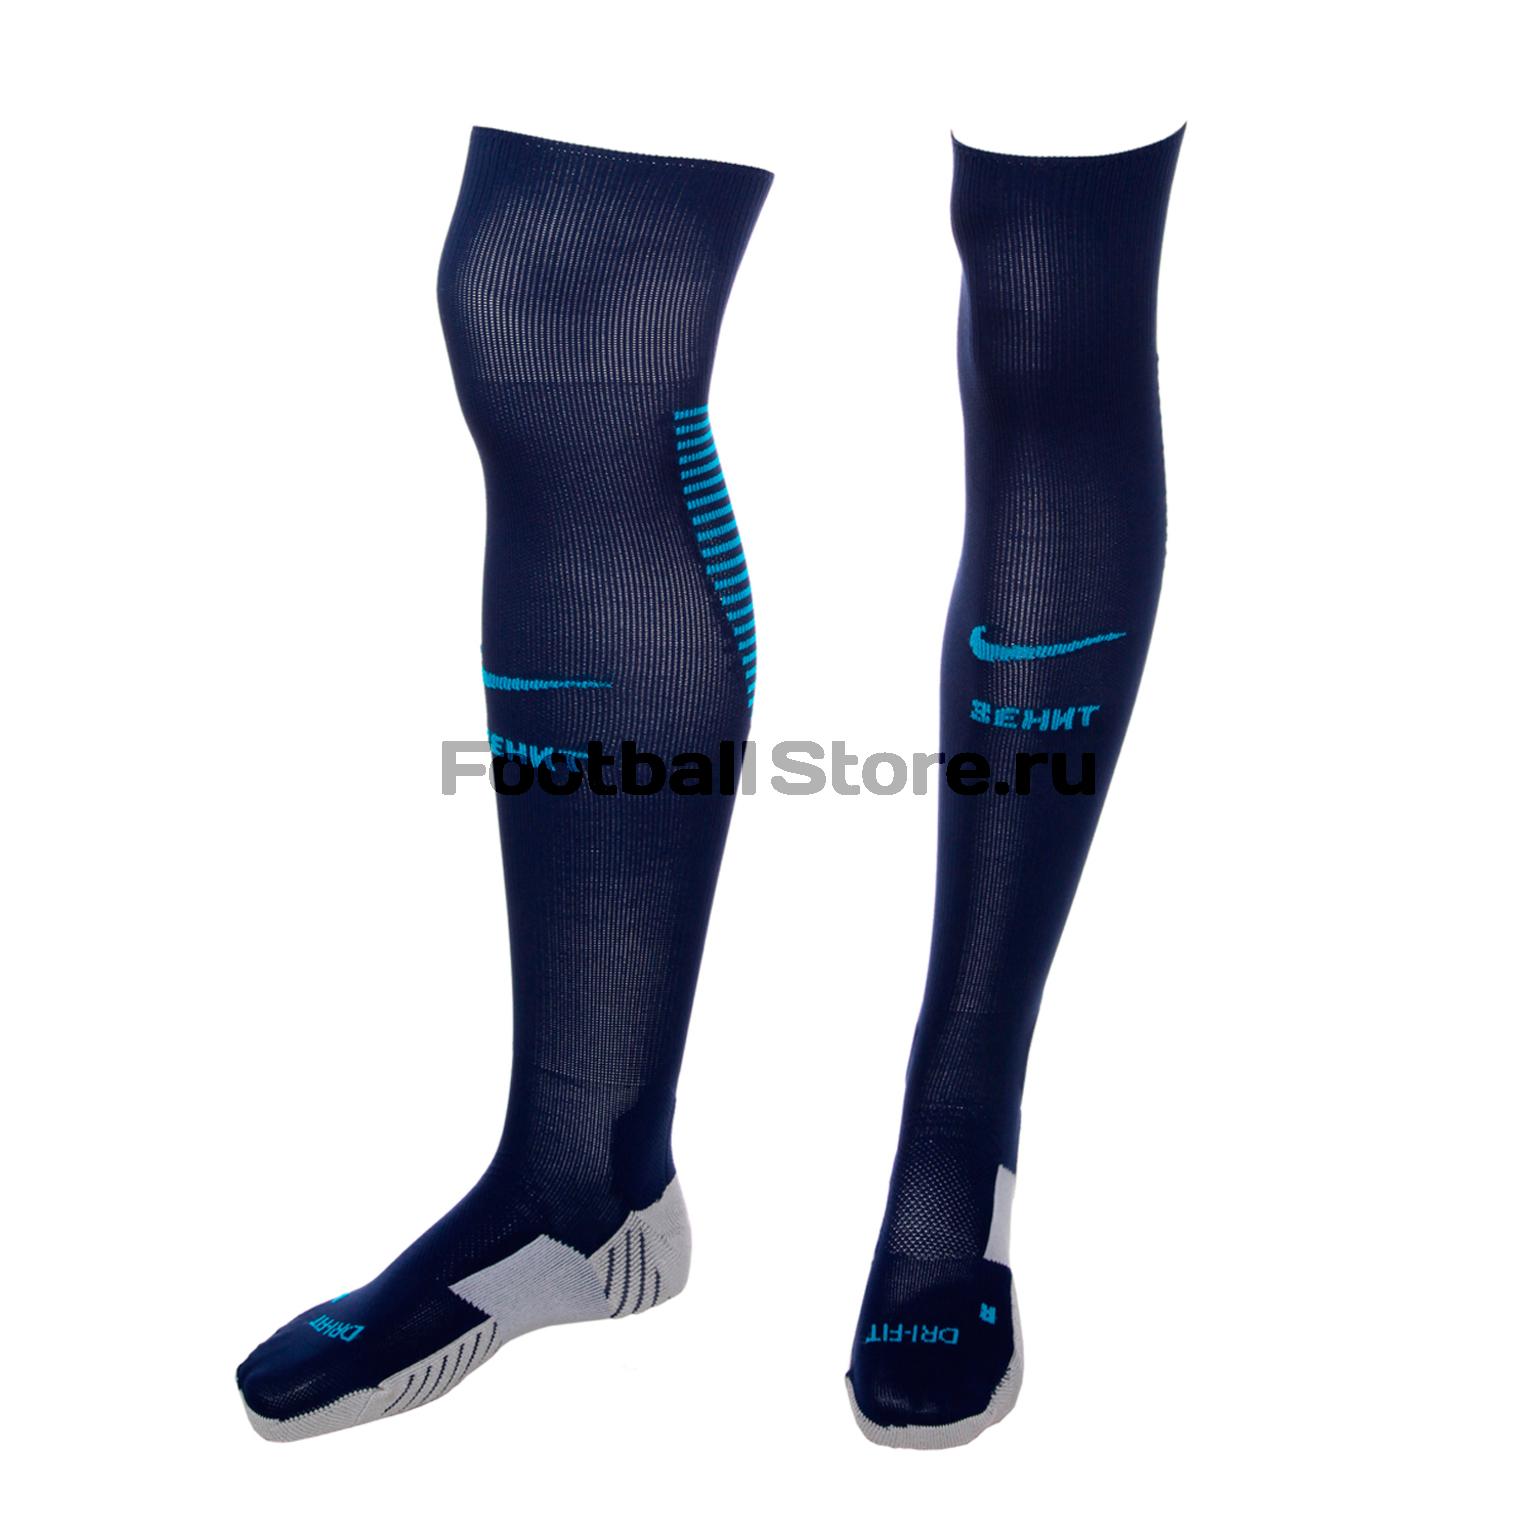 цена на Гетры домашние Nike ФК Зенит SX6063-429